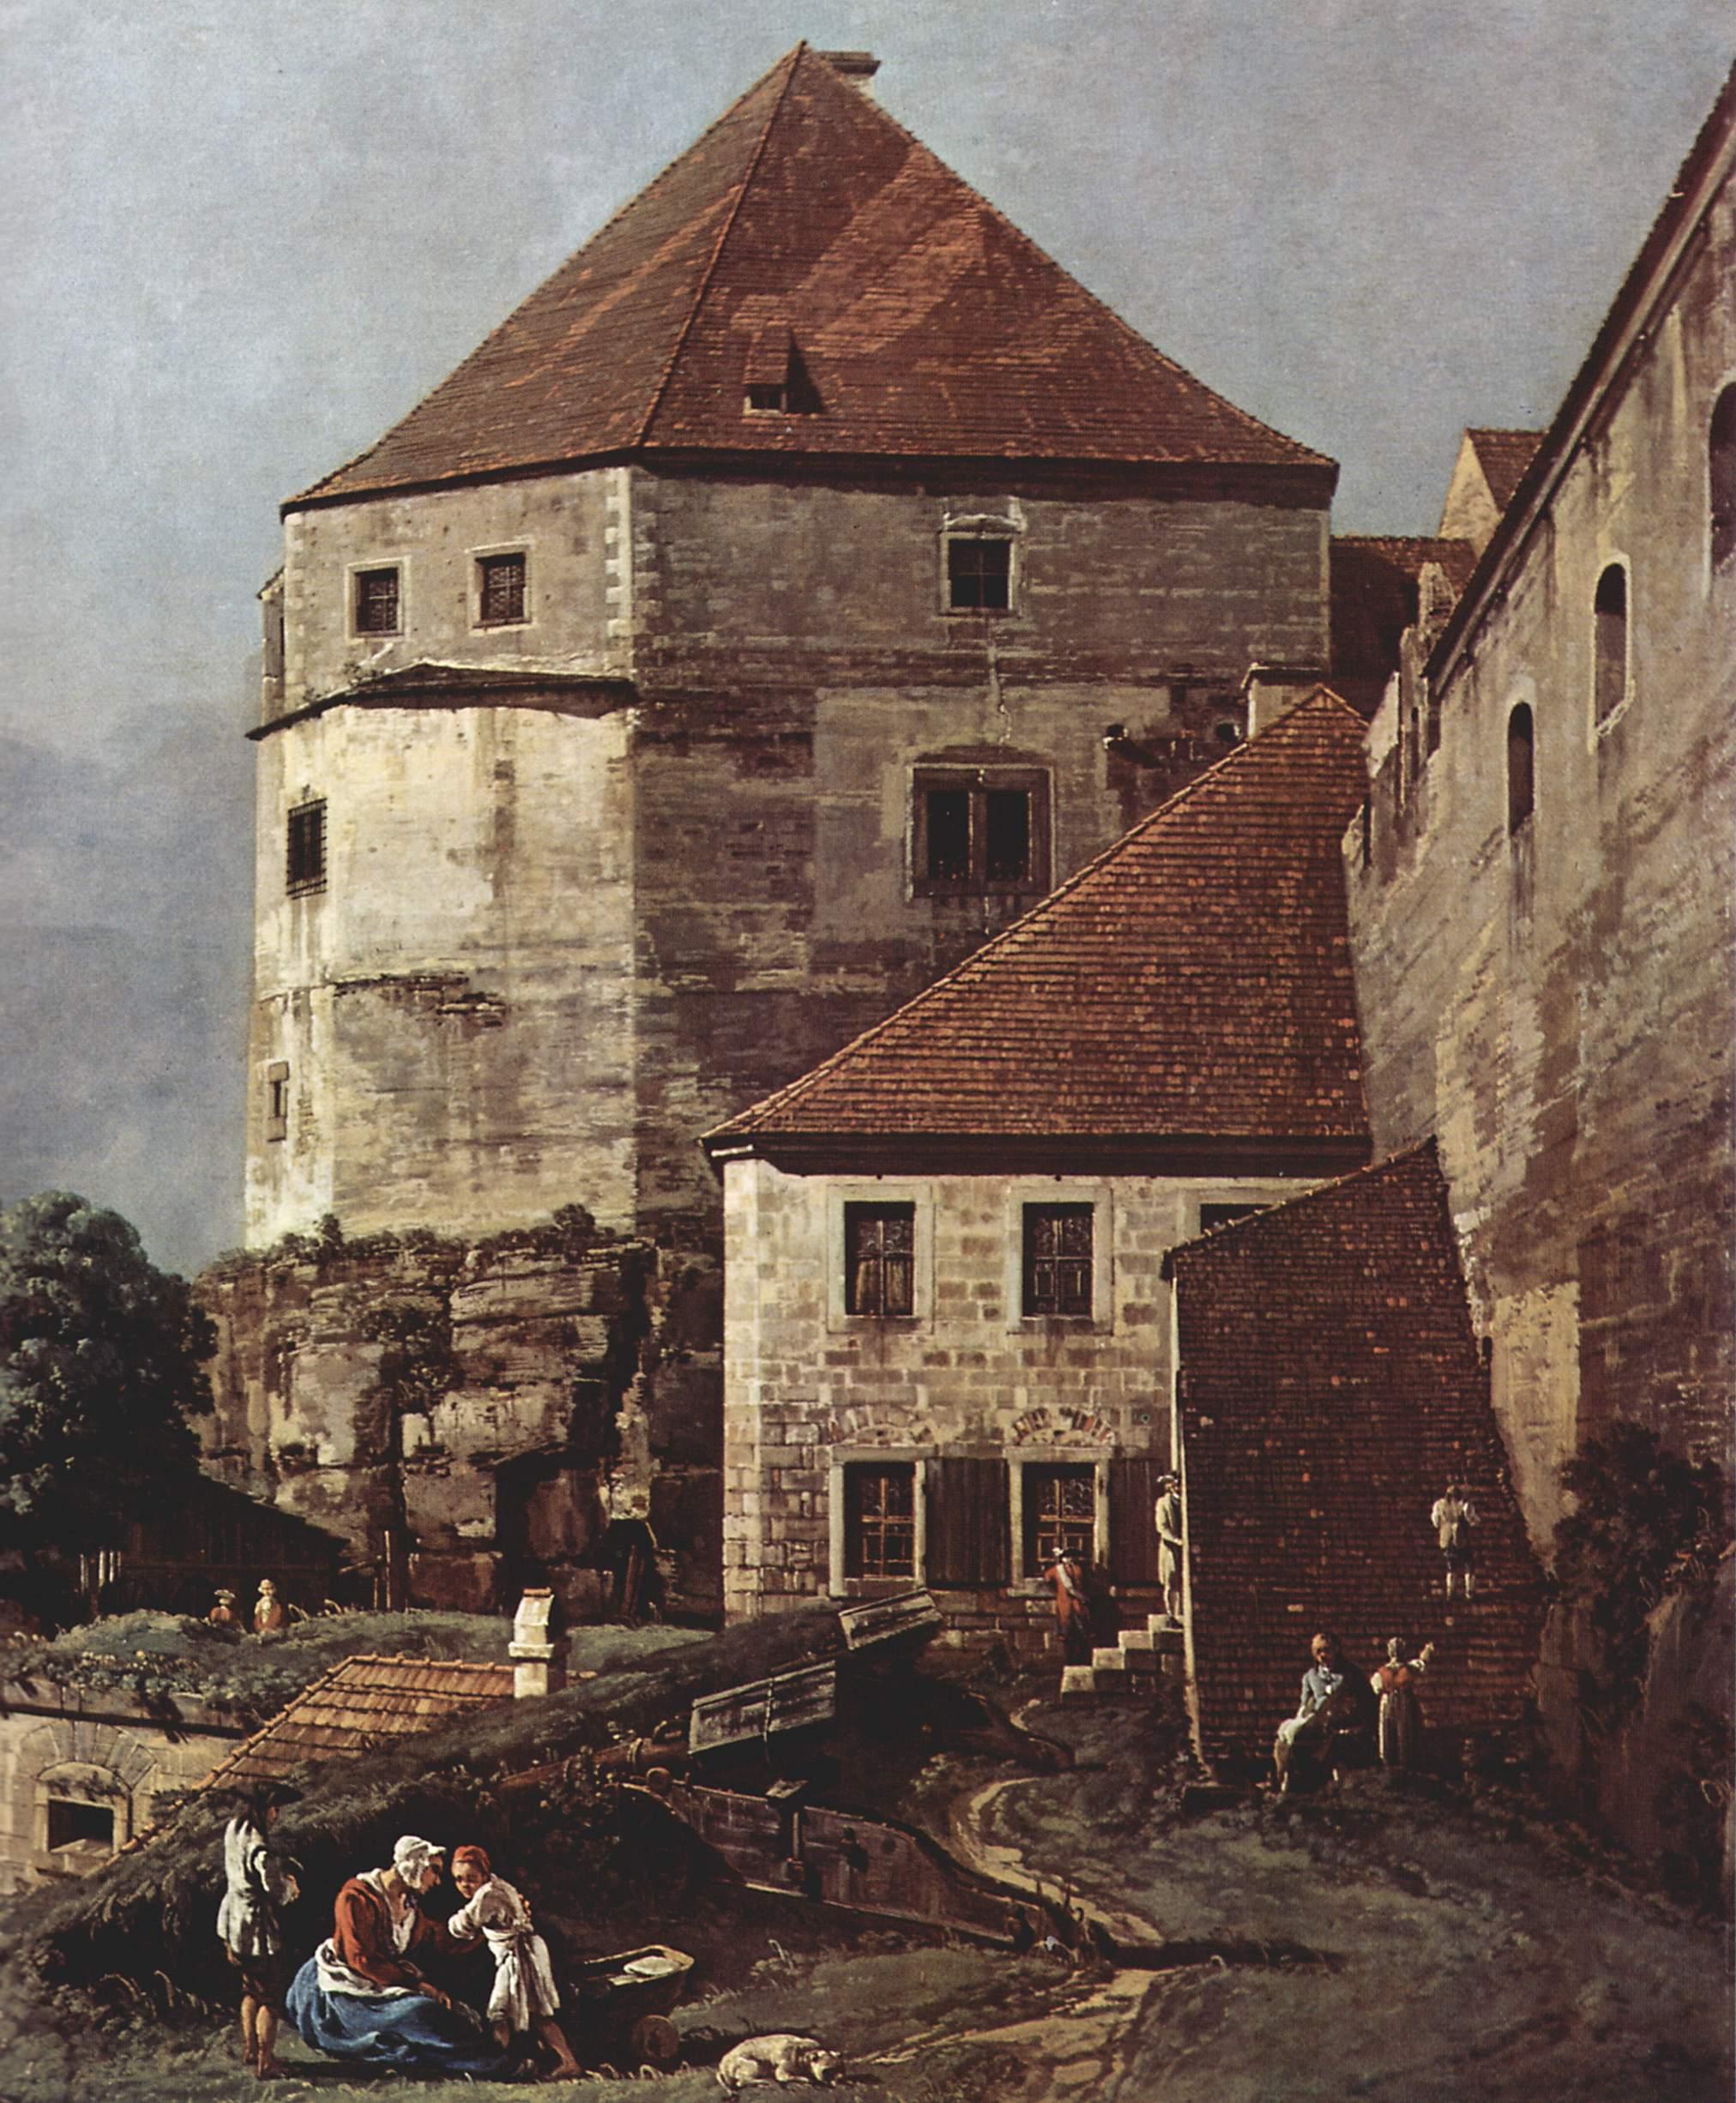 Вид Пирны, Пирна, вид со стороны крепости Зонненшайн. Деталь, Джованни Антонио Каналетто 1